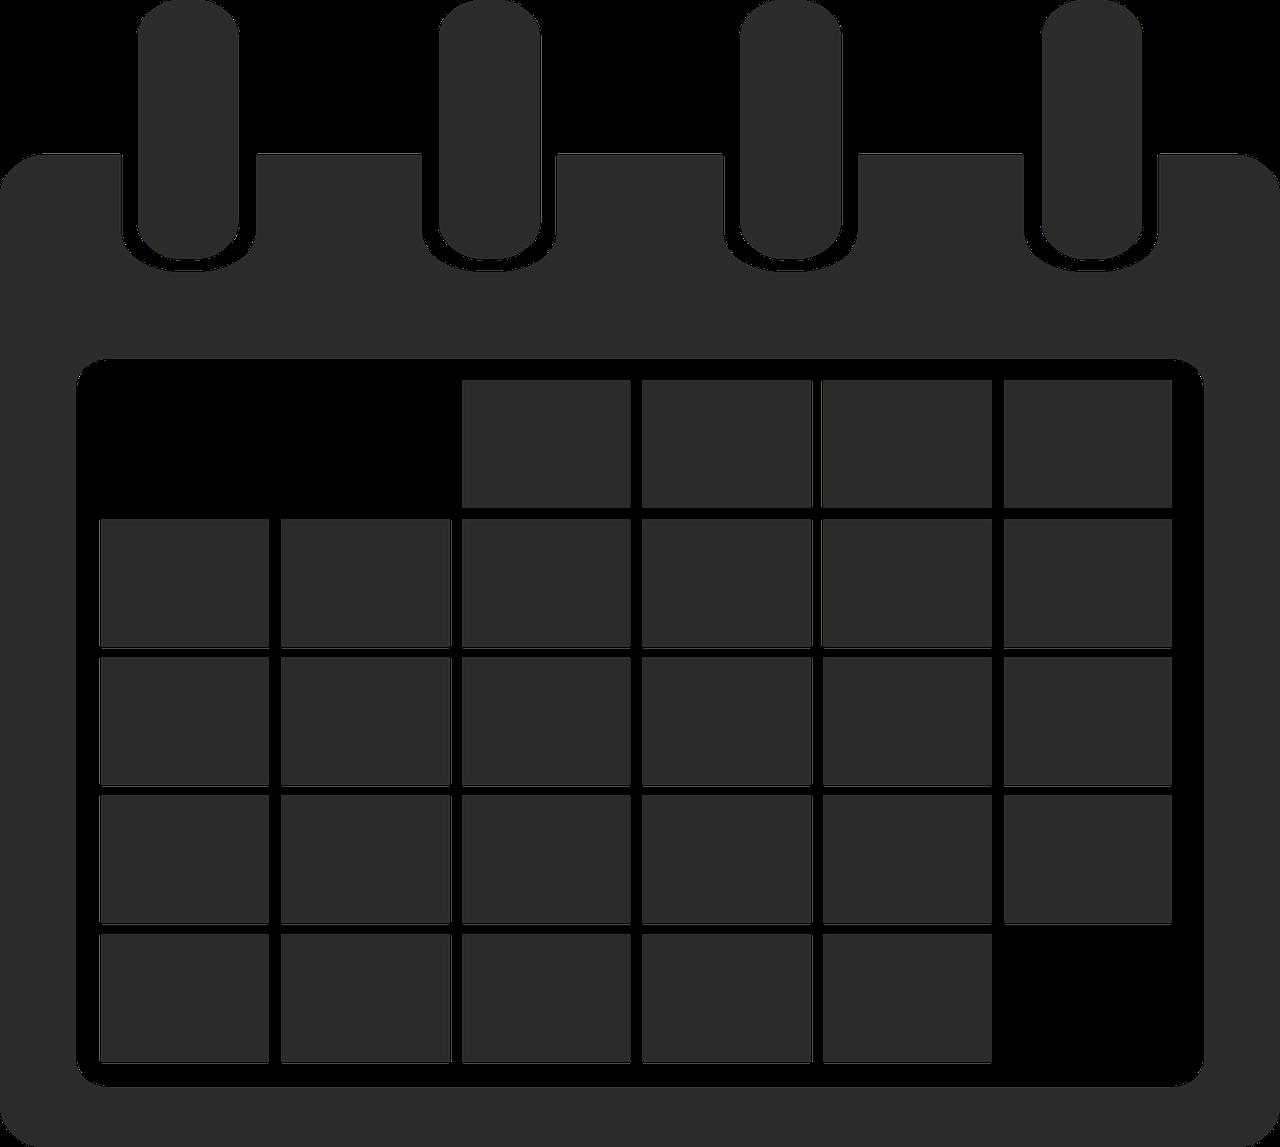 calendar-1559935_1280.png